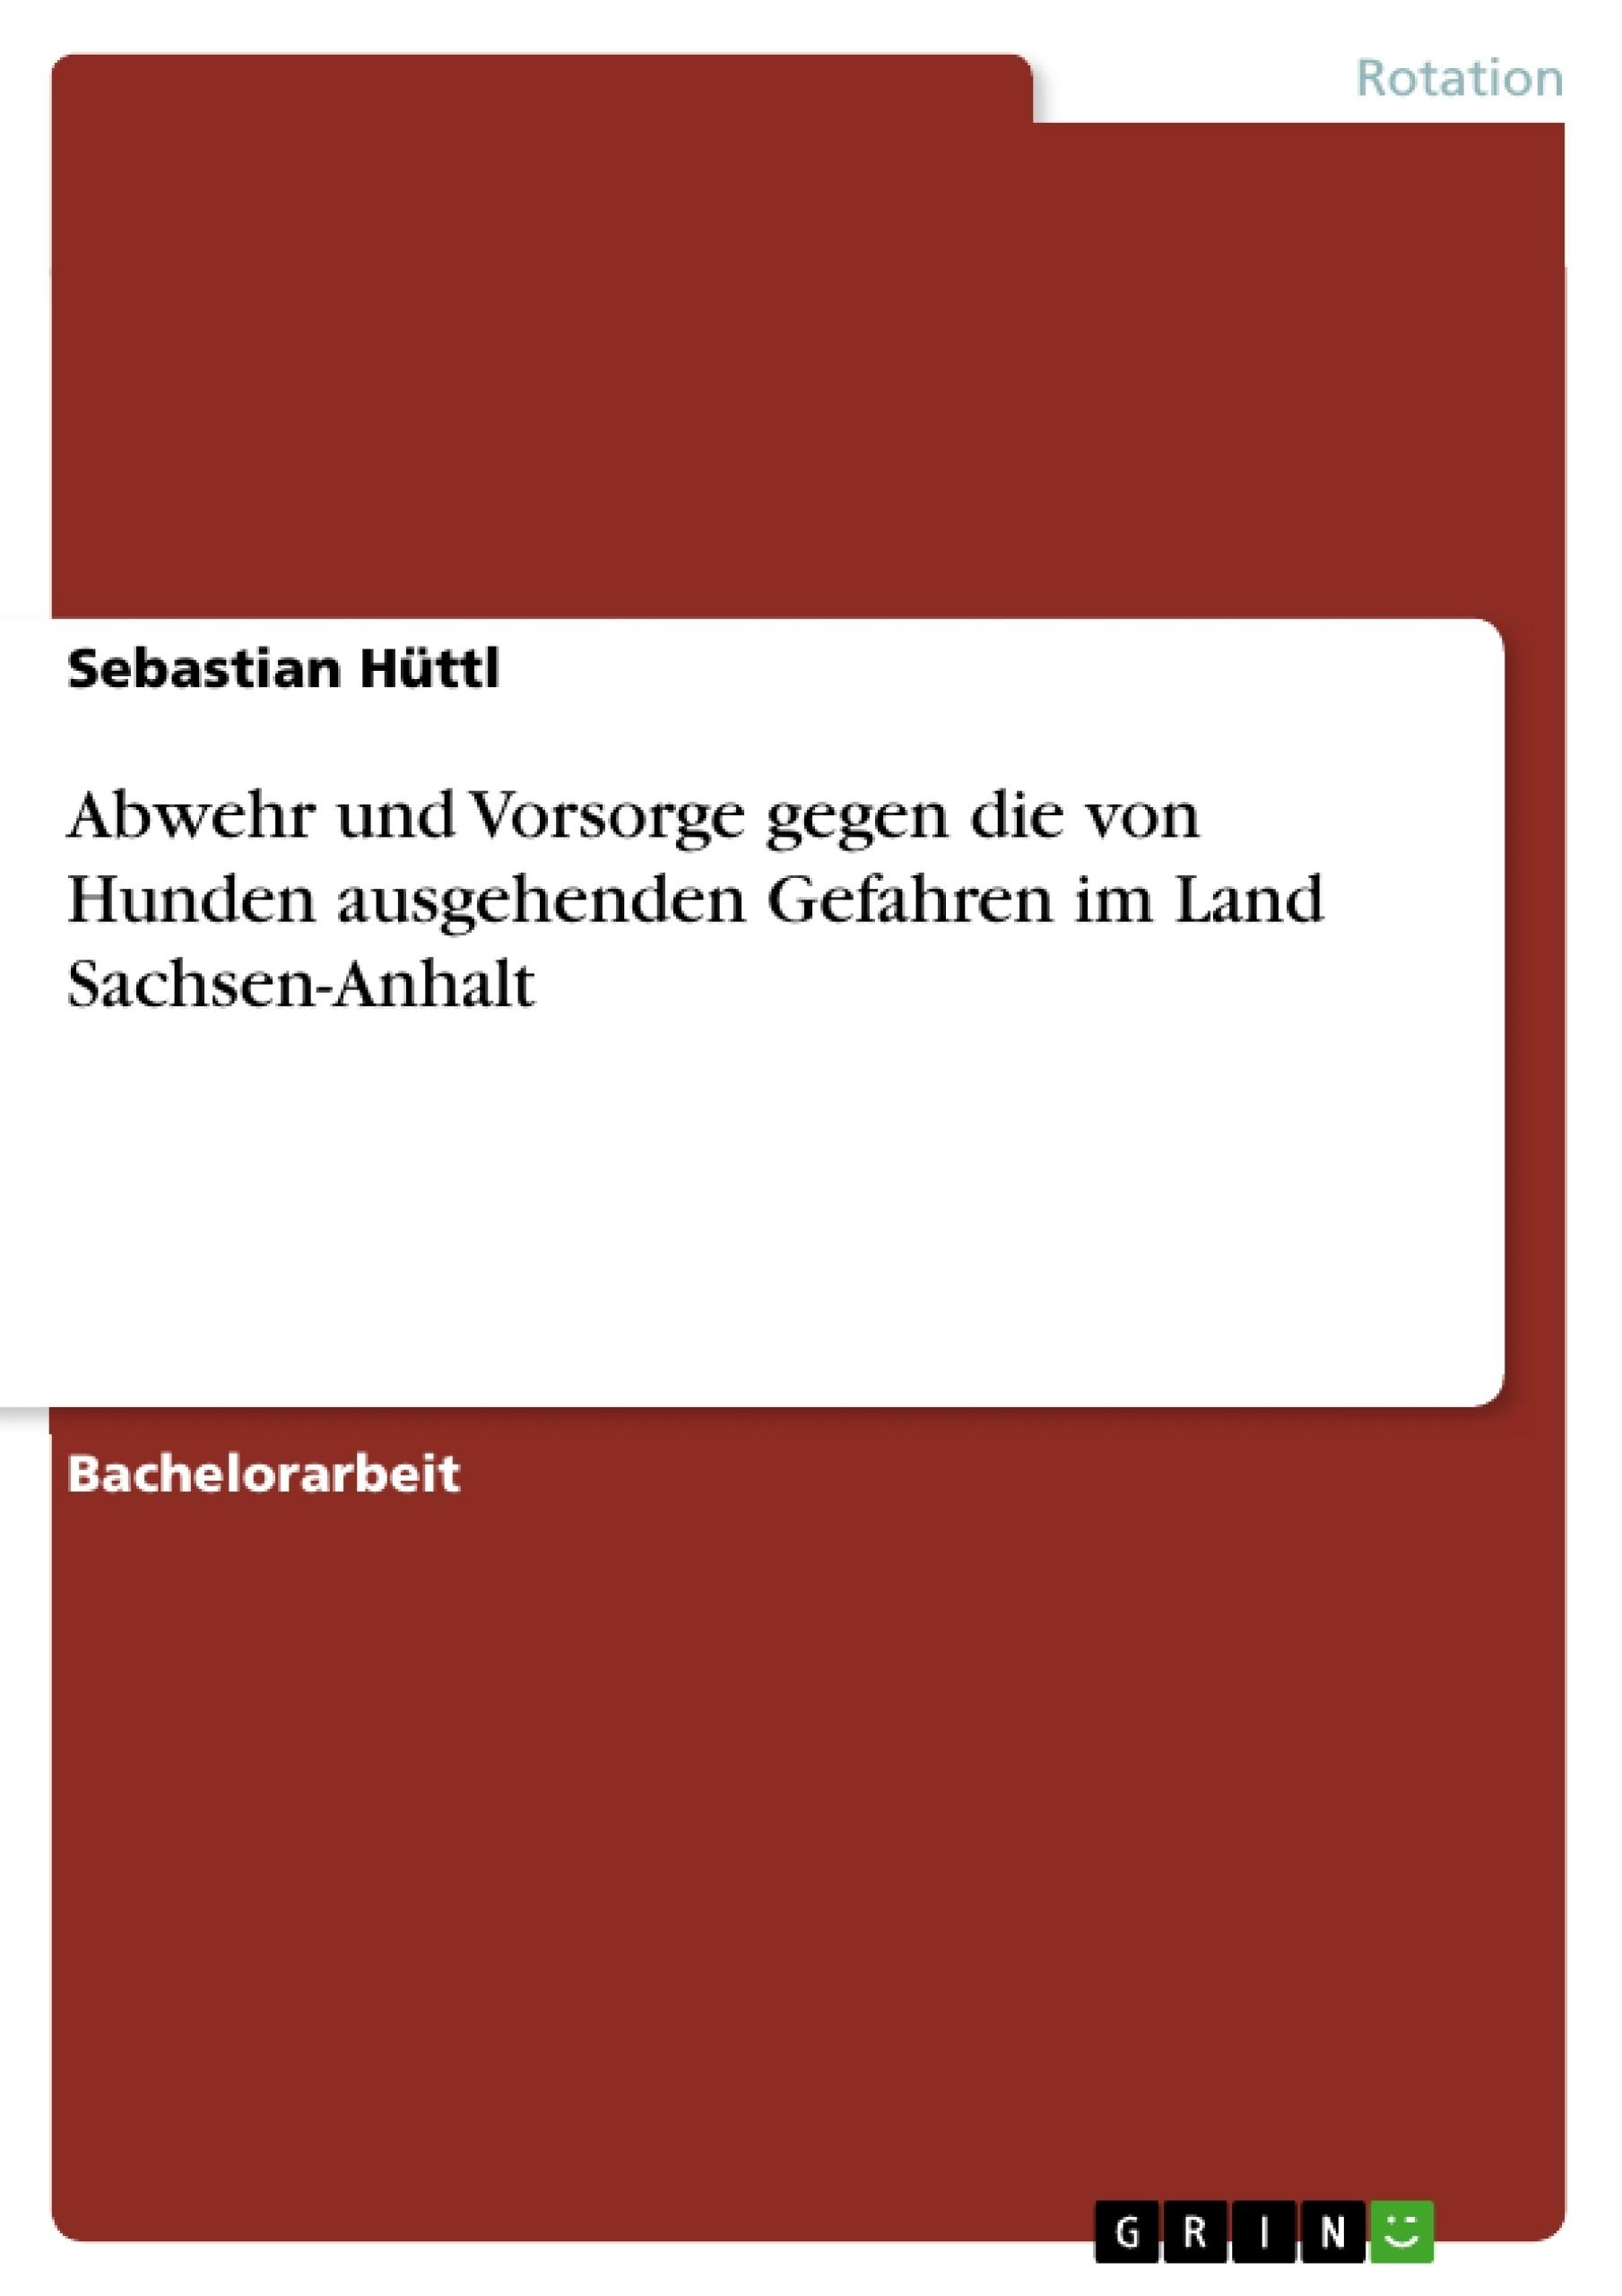 Titel: Abwehr und Vorsorge gegen die von Hunden ausgehenden Gefahren im Land Sachsen-Anhalt